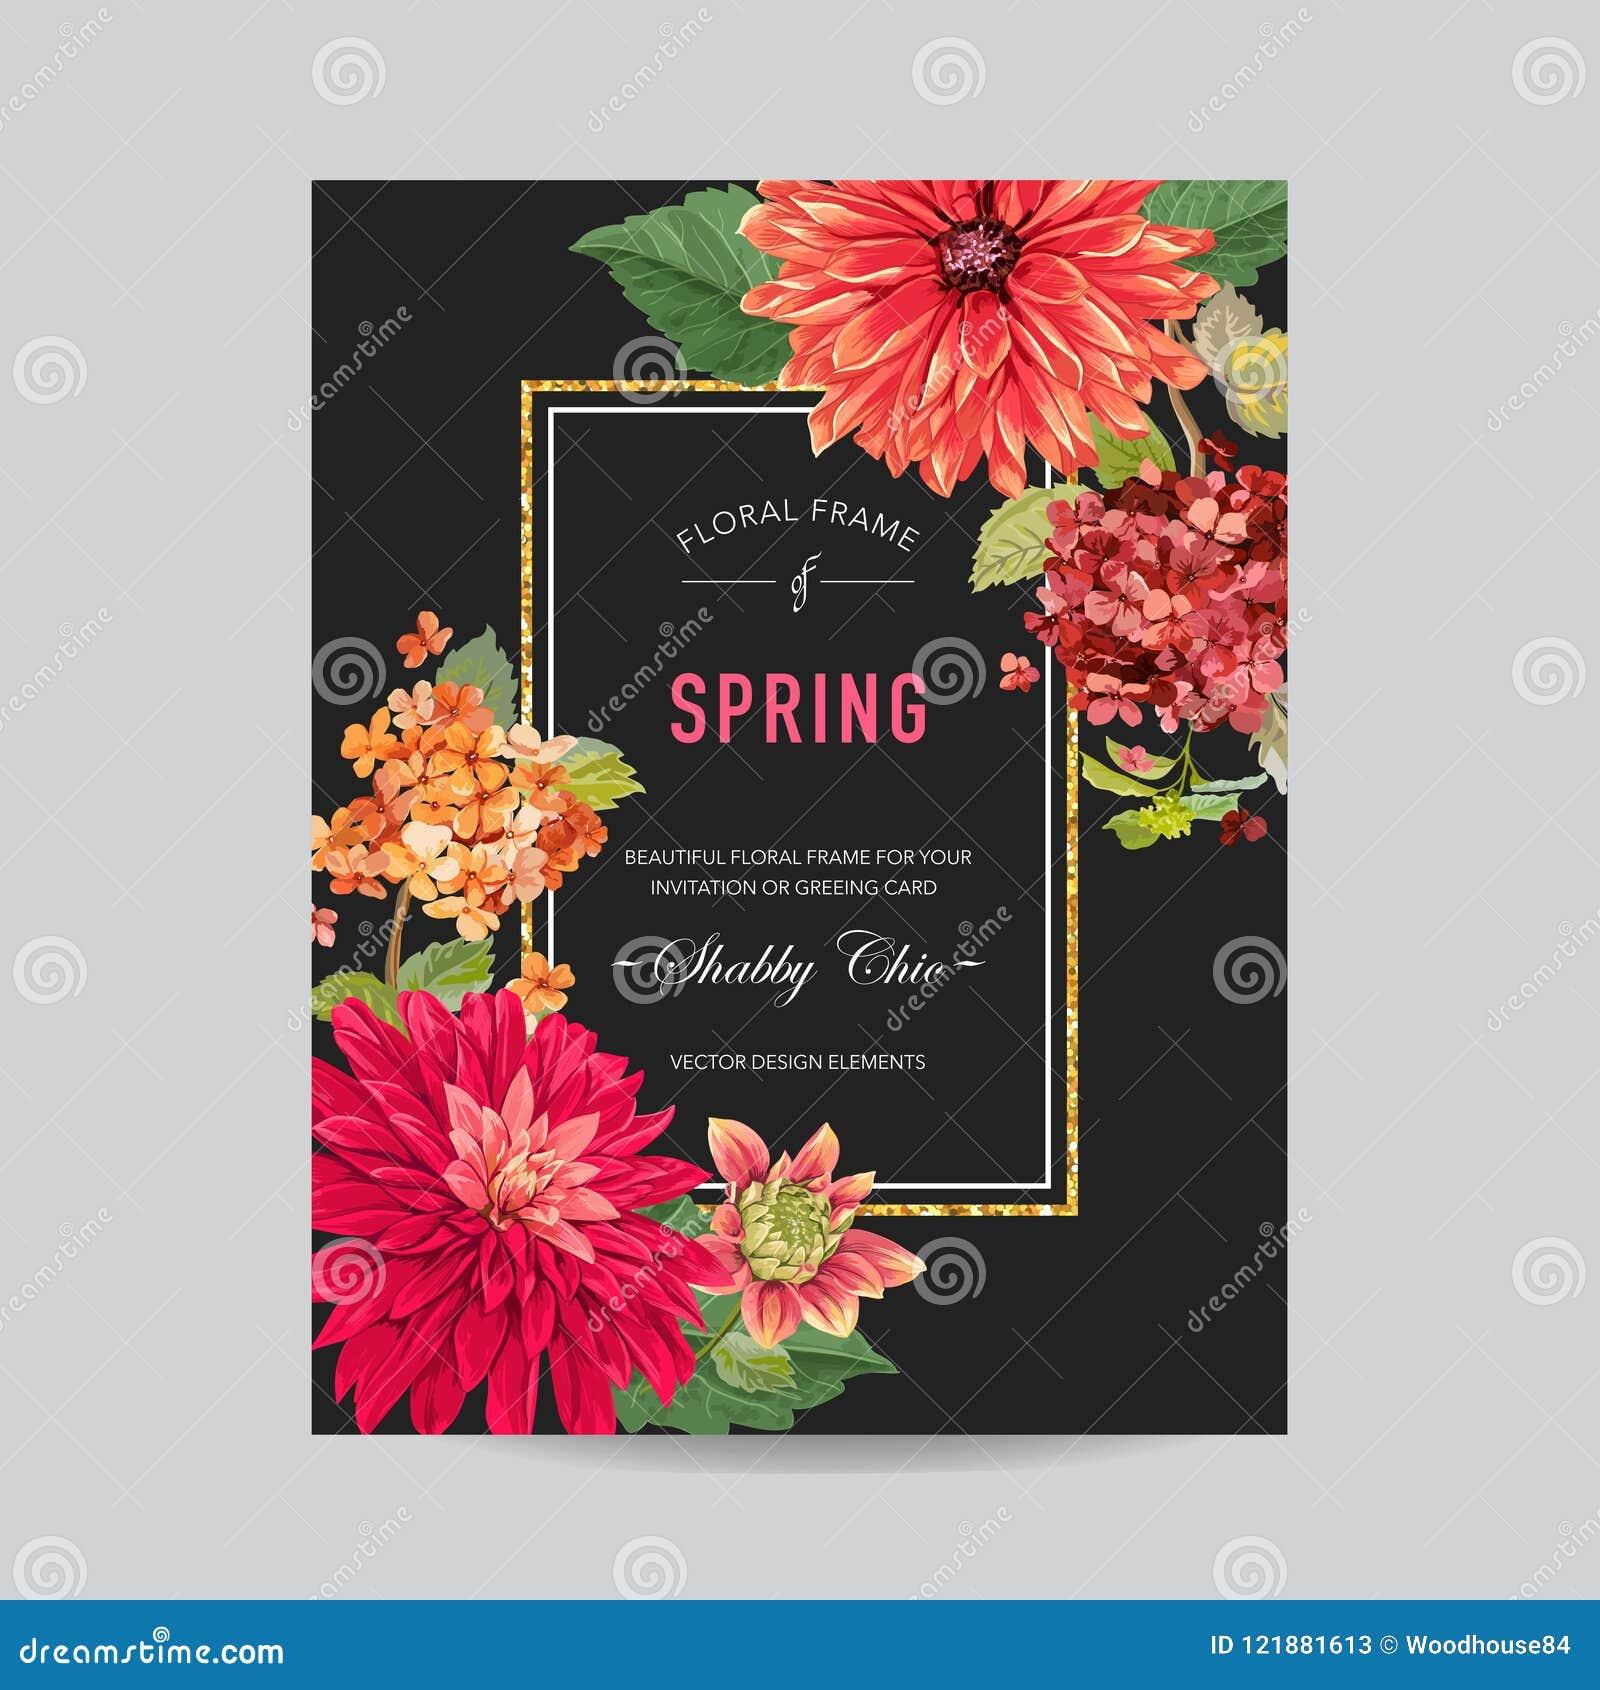 Plantilla de la disposición de la invitación de la boda con las flores rojas de los asteres Ahorre la tarjeta floral de la fecha